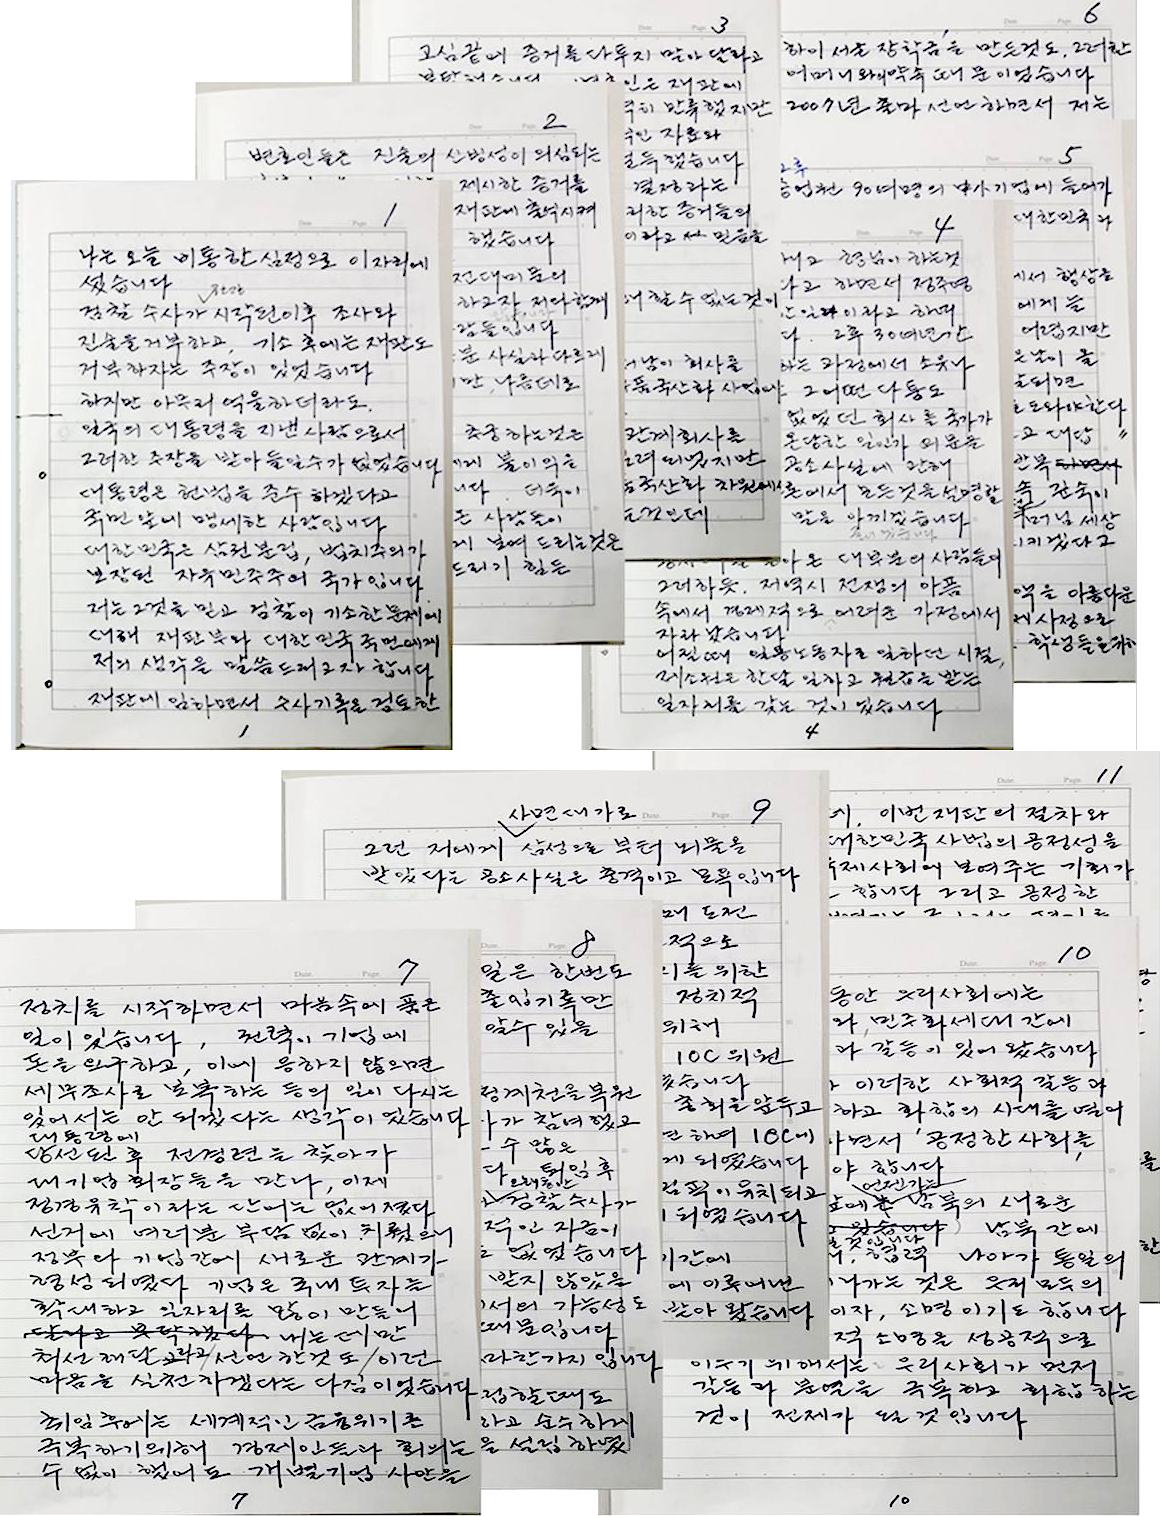 23일 이명박 전 대통령의 페이스북에는 그가 직접 작성한 친필 원고가 공개됐다. [사진 이 전 대통령 페이스북]